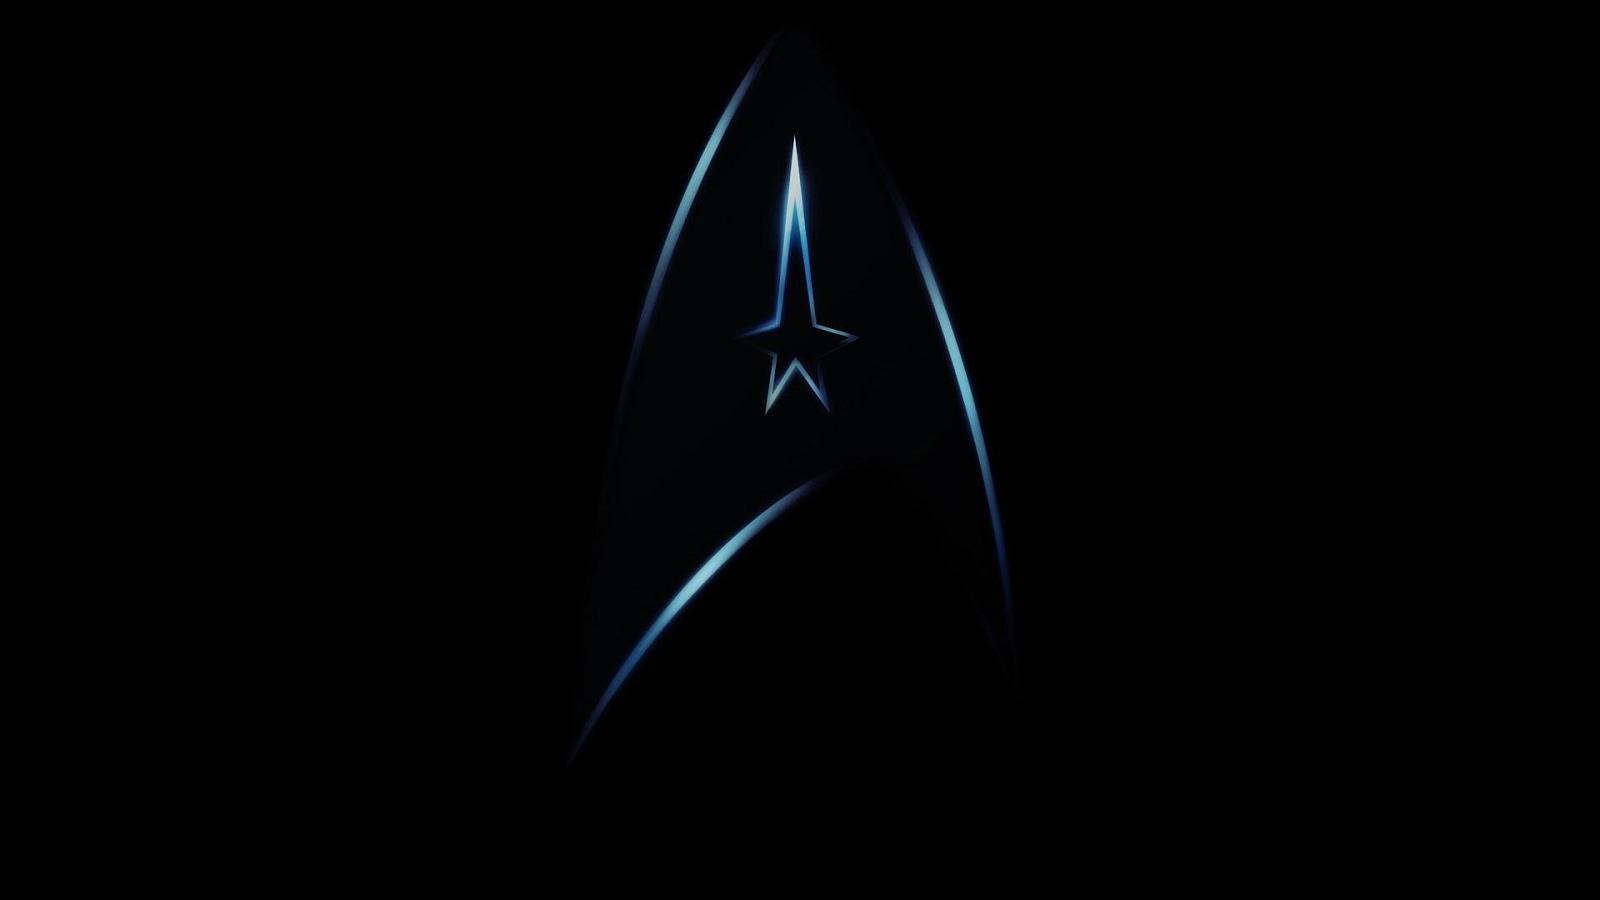 50 Hd Star Trek Wallpapers For Desktop 2020 Www Movierulz In 2020